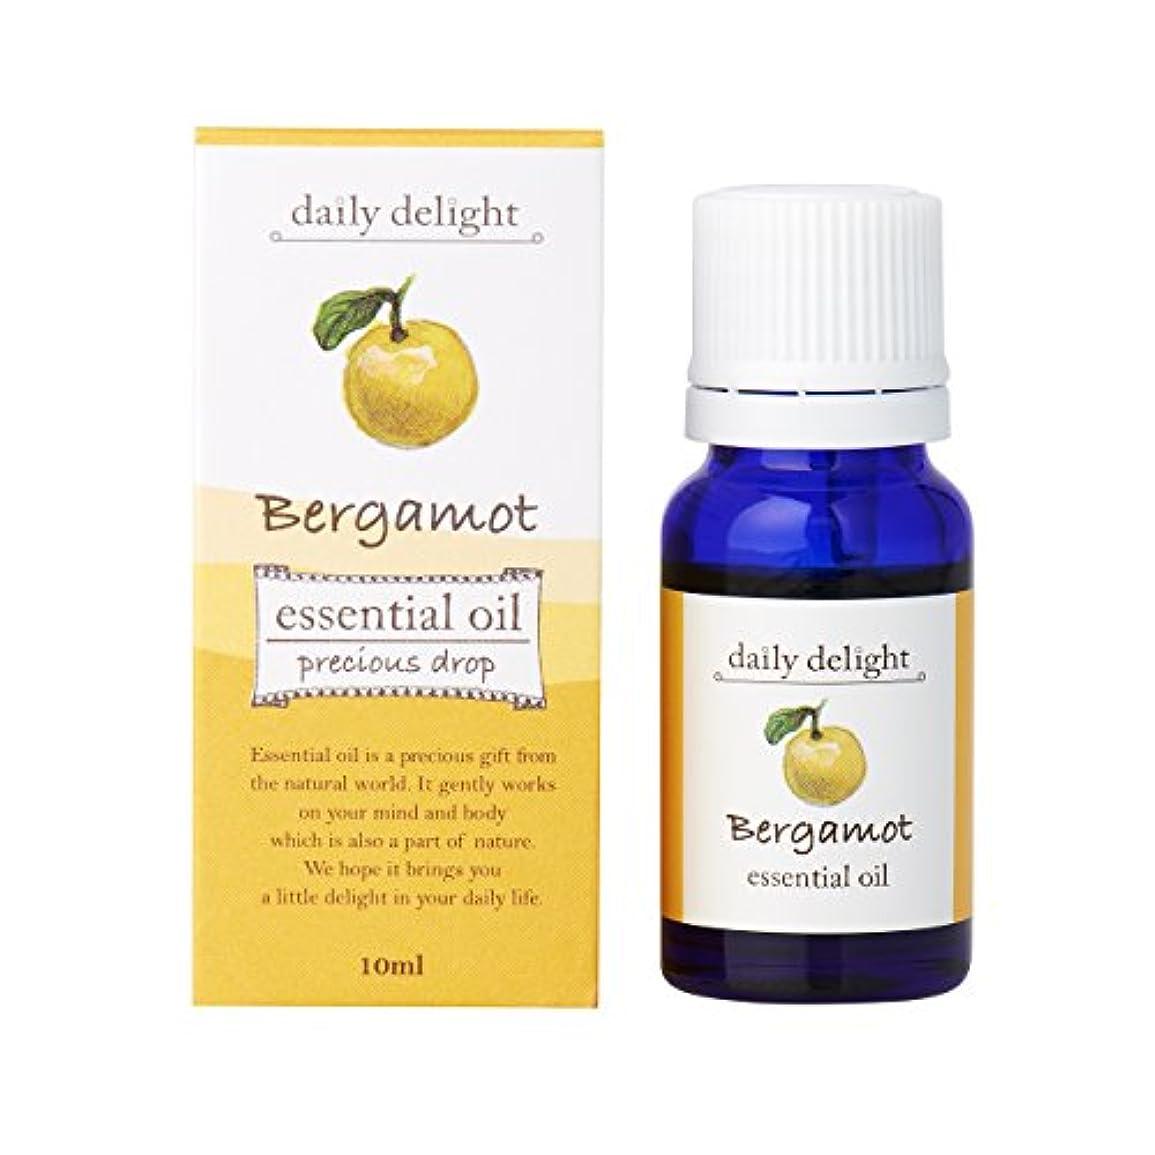 付属品アヒルレジデンスデイリーディライト エッセンシャルオイル  ベルガモット 10ml(天然100% 精油 アロマ 柑橘系 甘さが少なめでみずみずしく美しい香り)